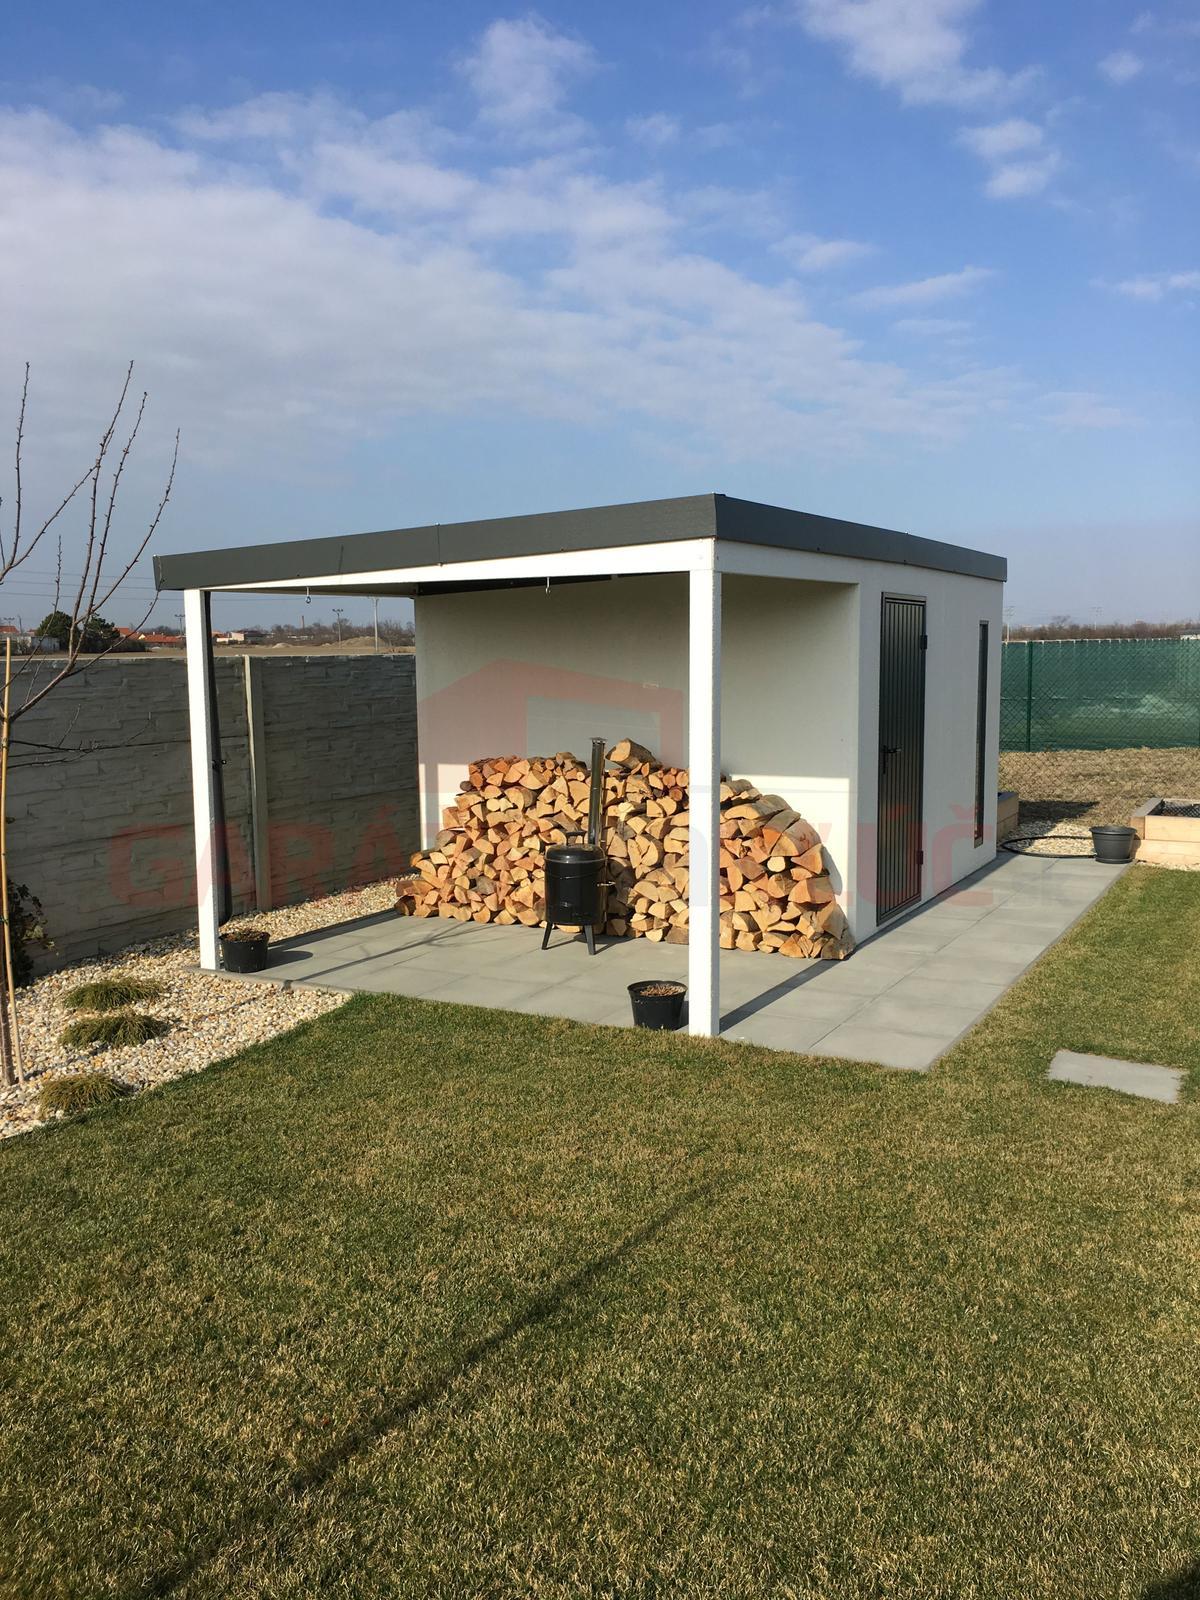 Montované záhradné domčeky GARDEON - Moderný záhradný domček na náradie s prístreškom